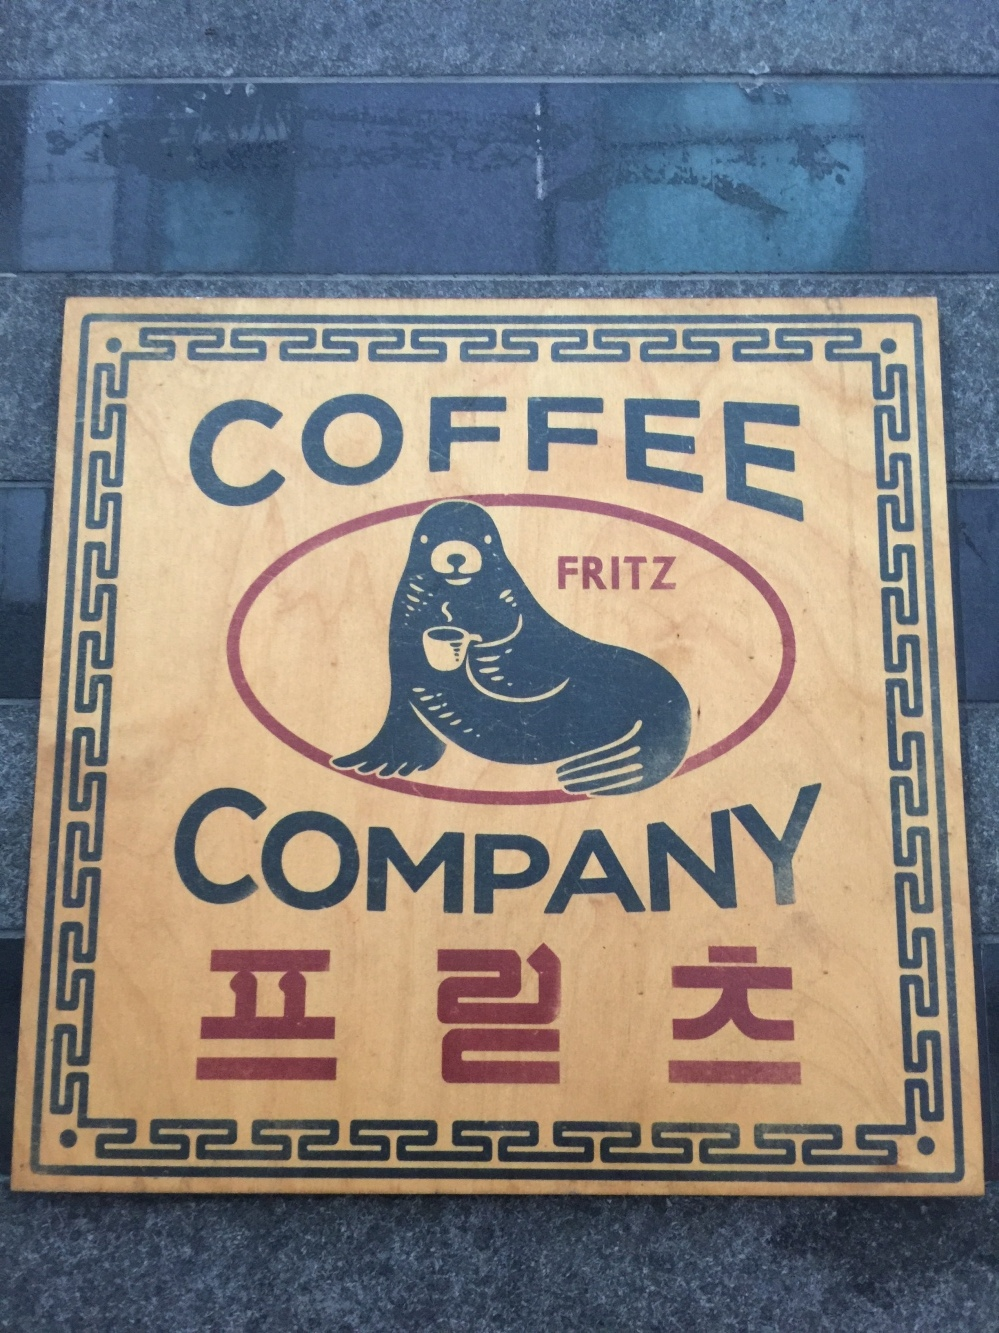 [서울/마포구 - 도화동] 프릳츠 - 커피,베이커리